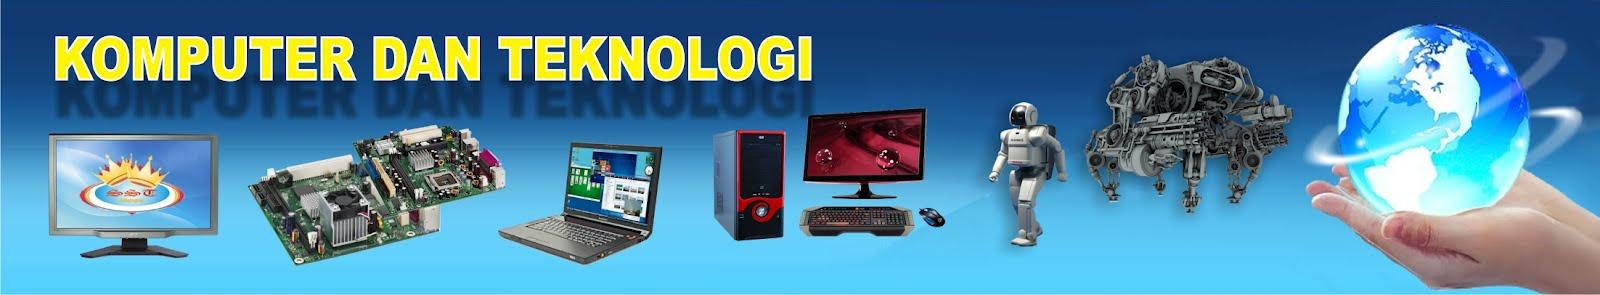 Komputer dan Teknologi